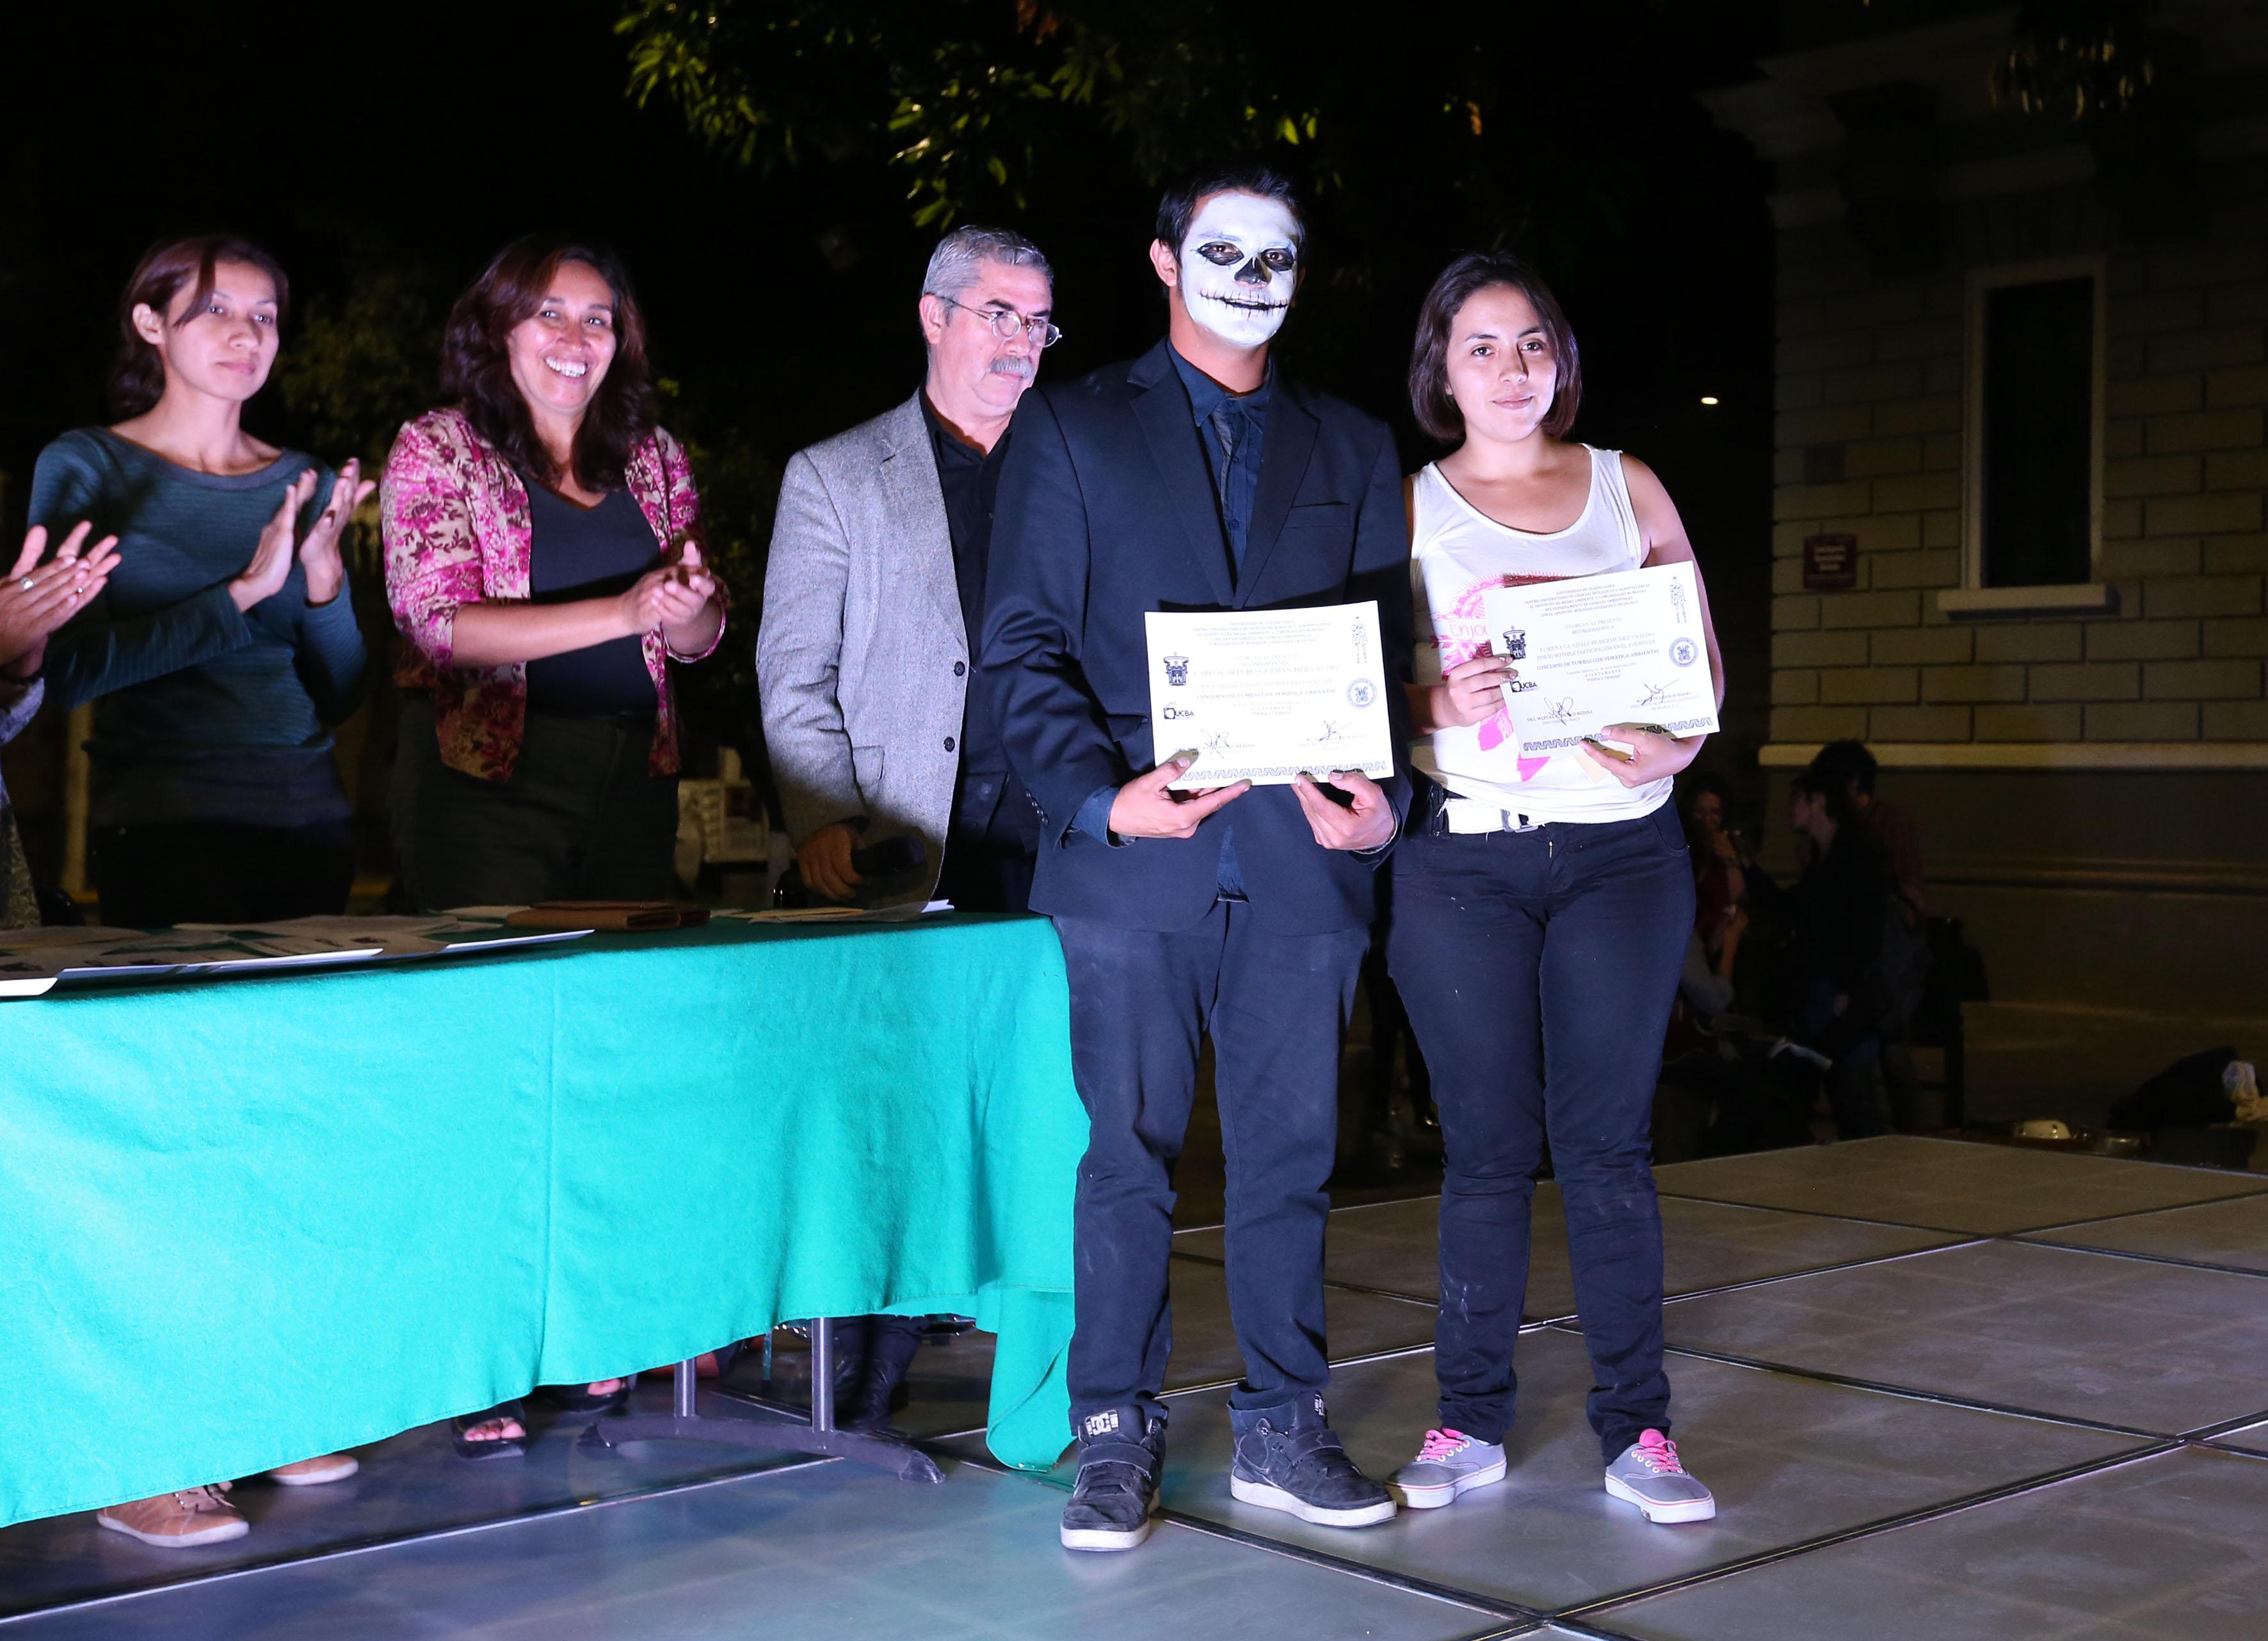 Estudiantes del CUCBA, paticipantes del concurso de tumbas con temática ambiental, portando su reconicimiento.